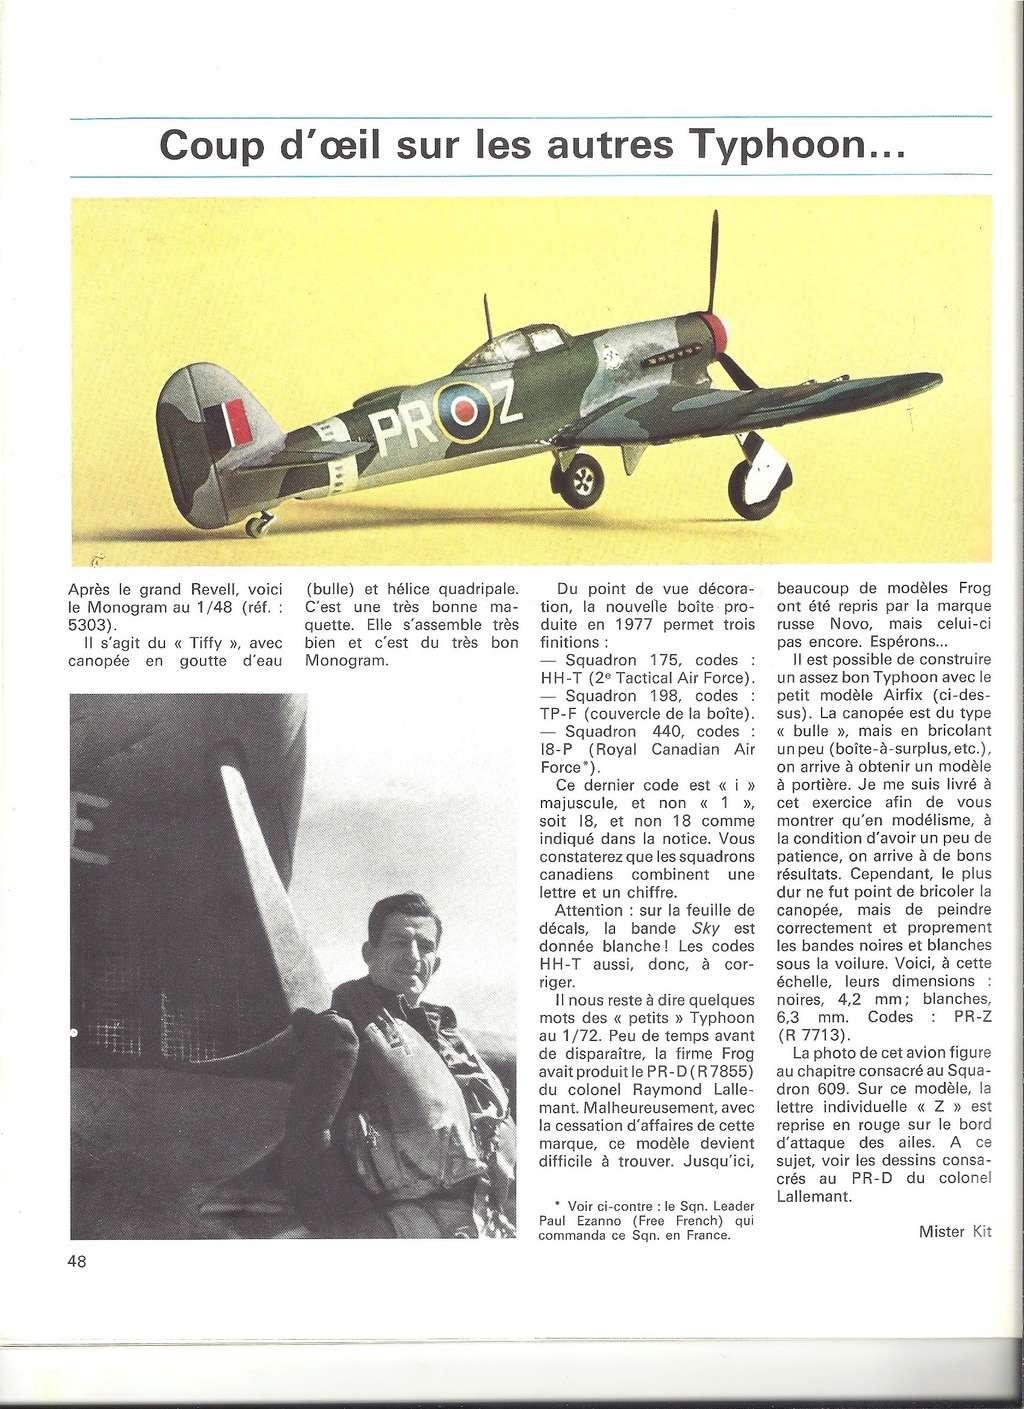 rubrique hommage  à Mister Kit  - Page 3 Numyri71